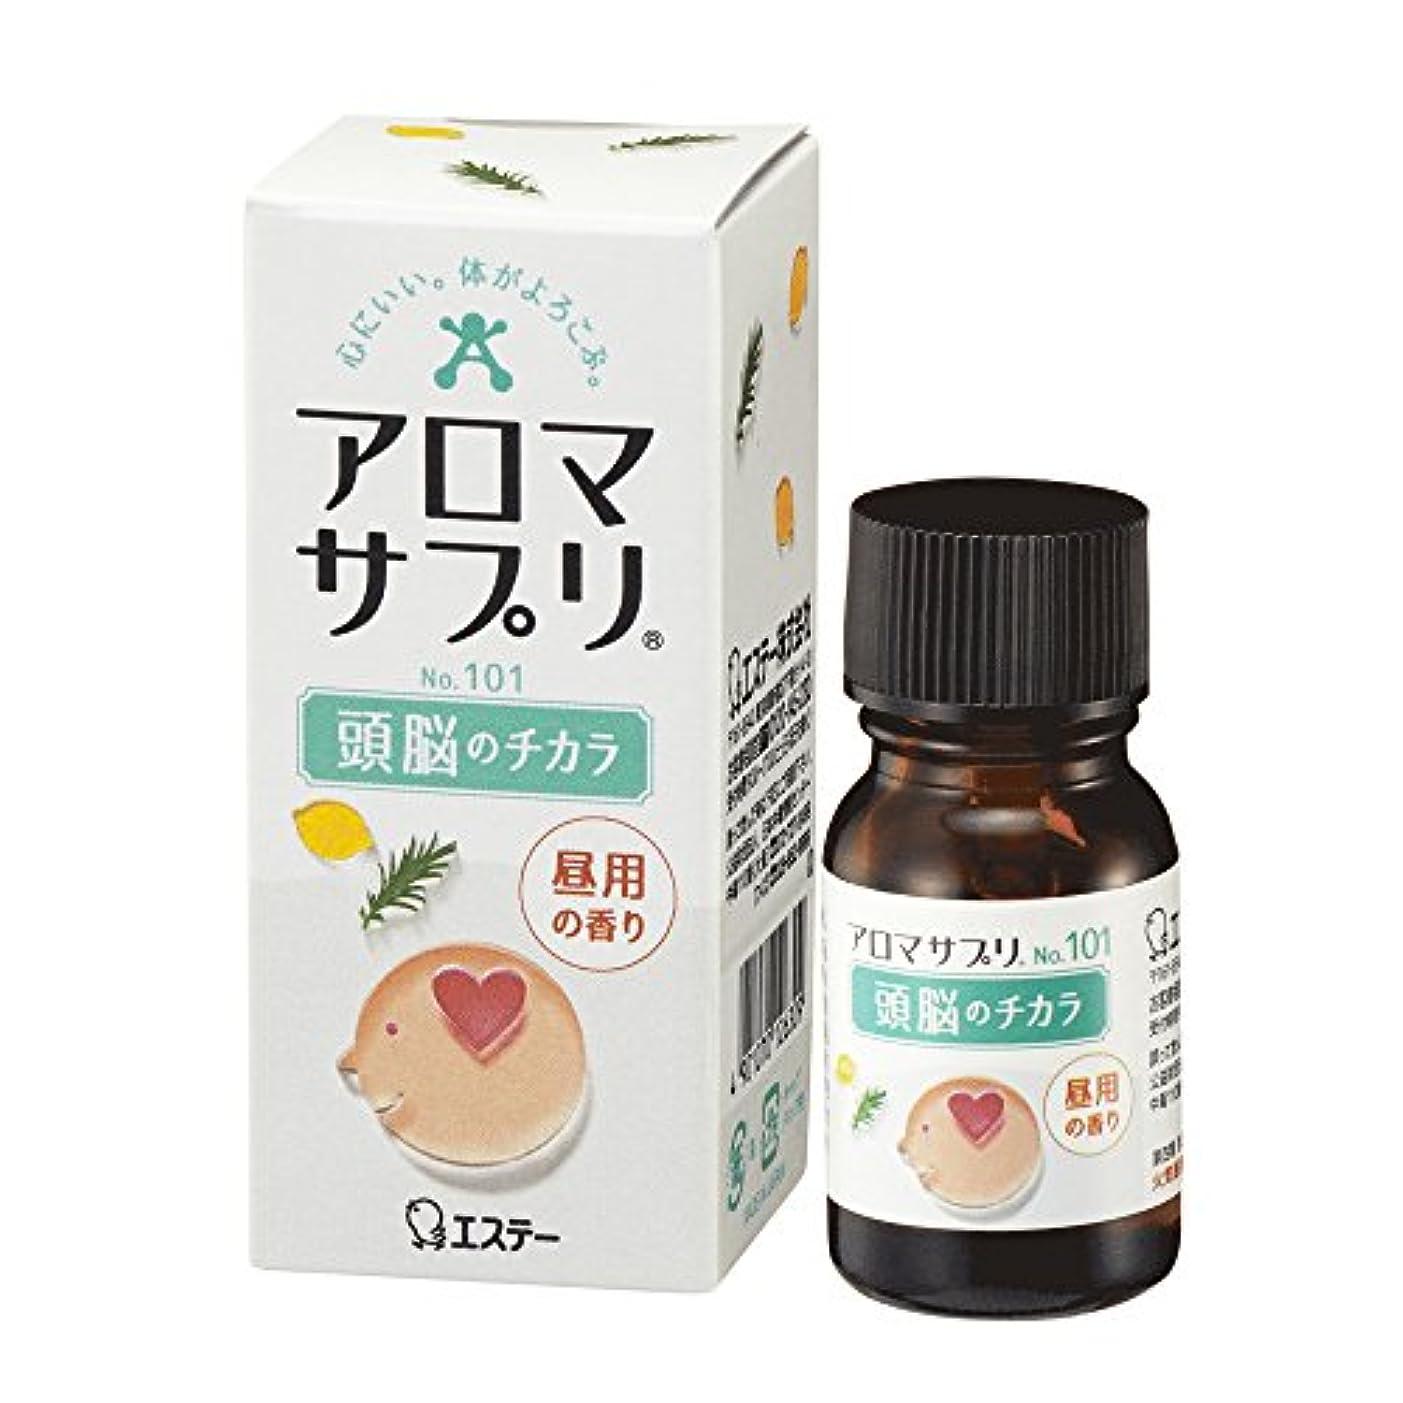 罹患率男らしさ取るアロマサプリ 100%天然ブレンドアロマ 頭脳のチカラ 昼用の香り ローズマリーカンファー&レモン 10ml (約60回分)